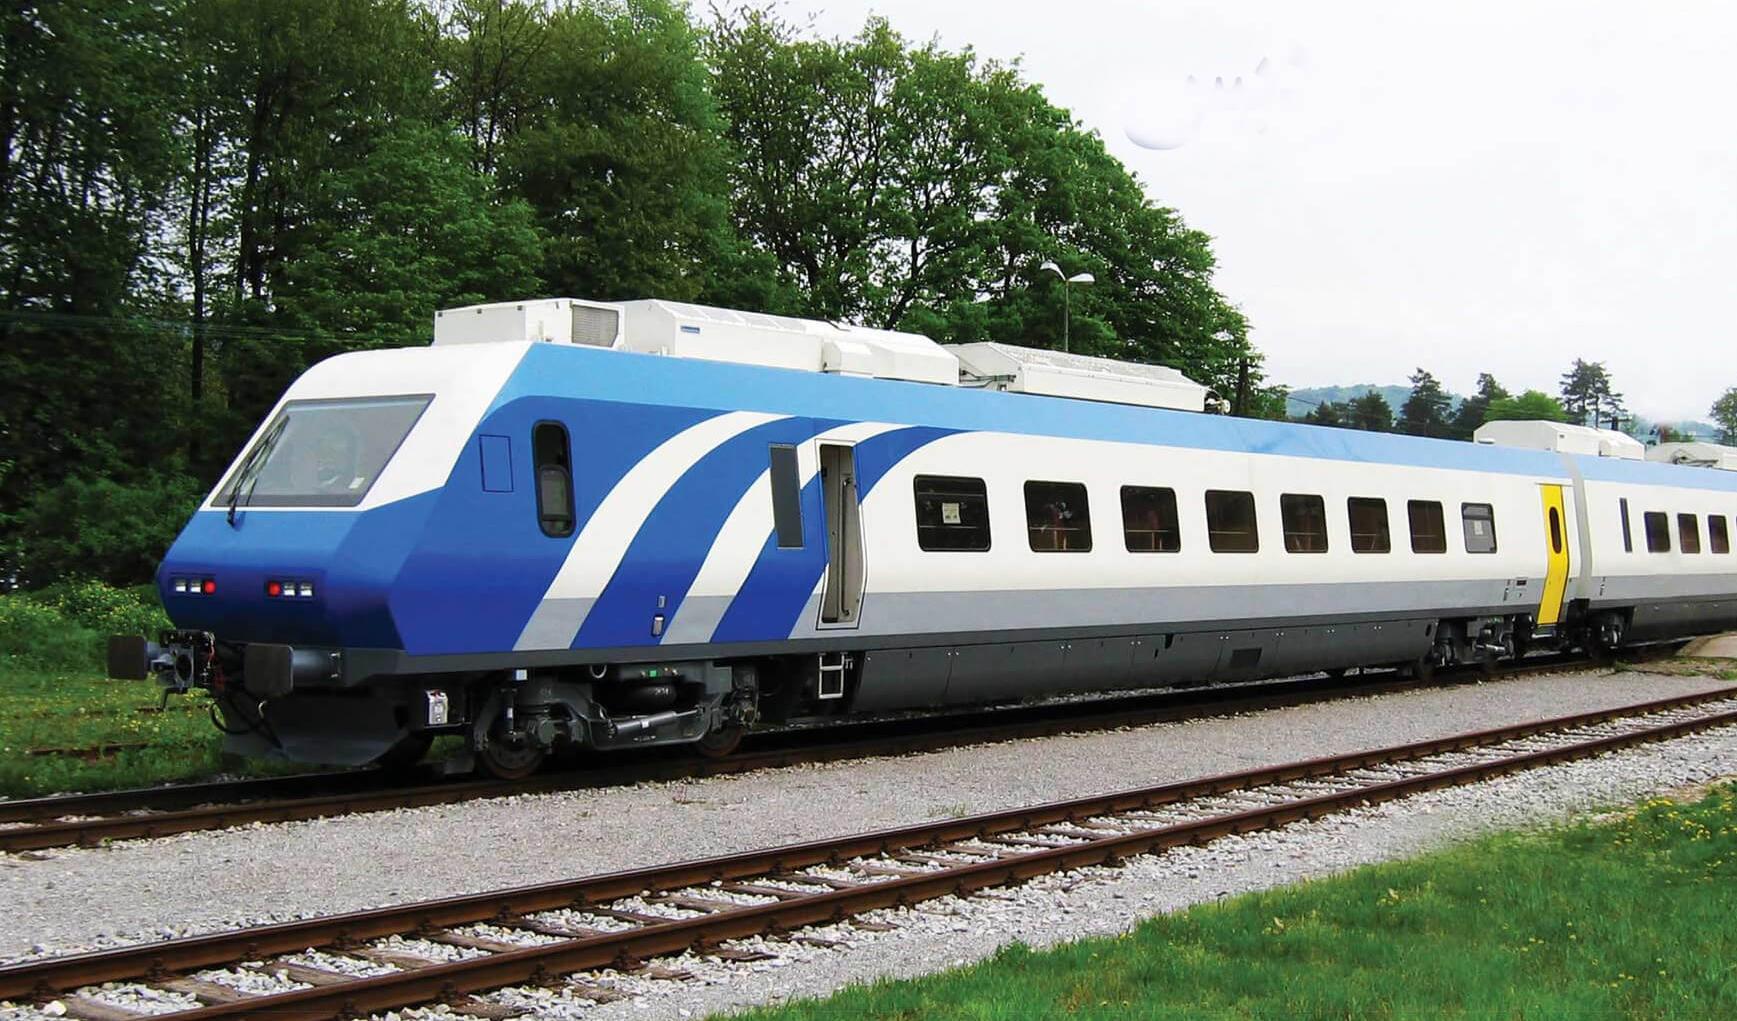 قطار انتخاب مناسبی برای مسیر مشهد کرمان